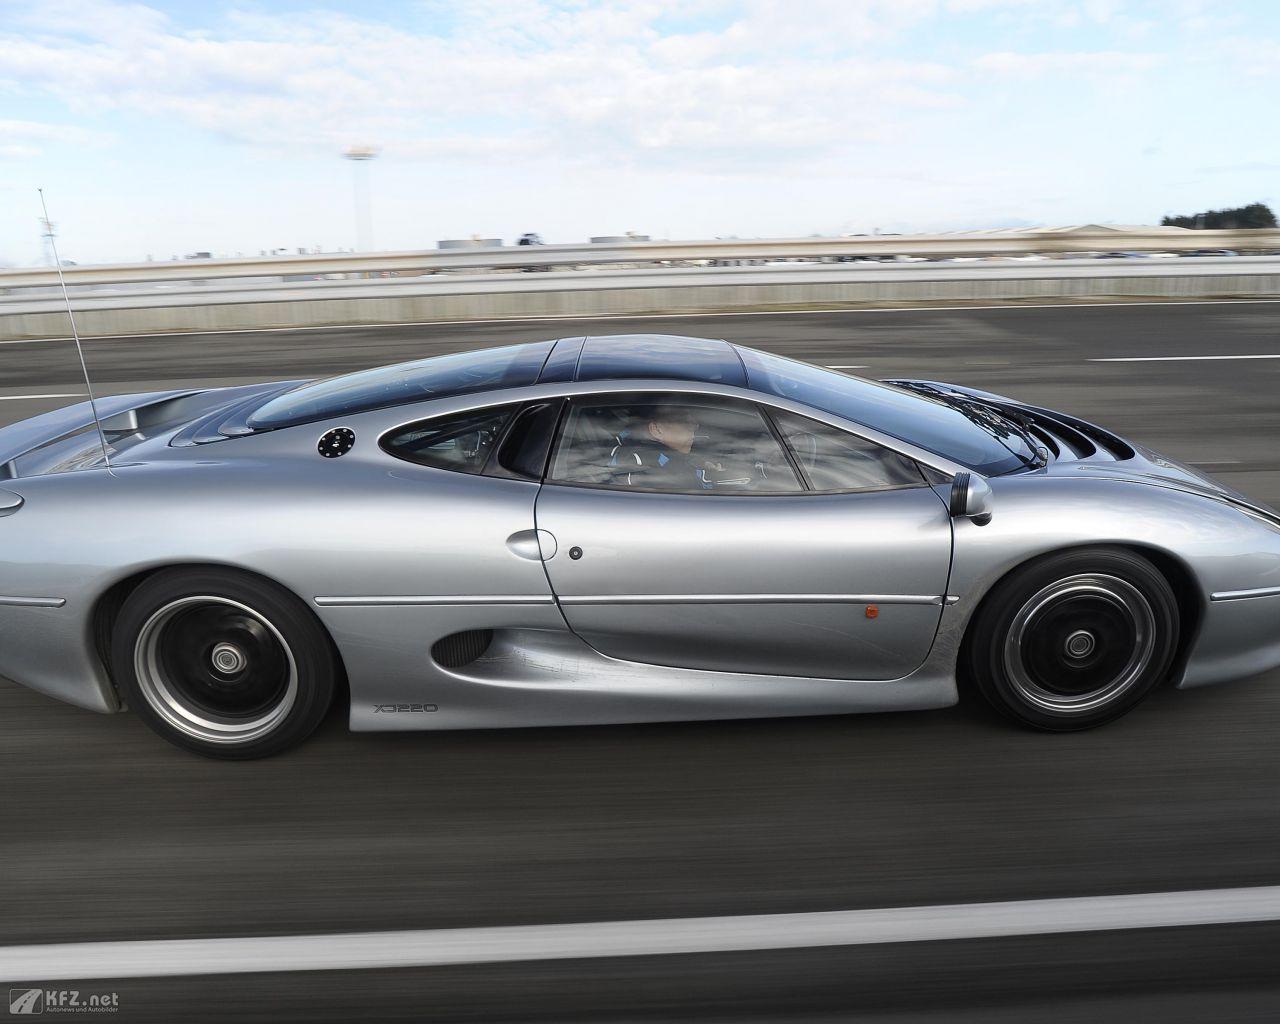 jaguar-xj220-1280x1024-7